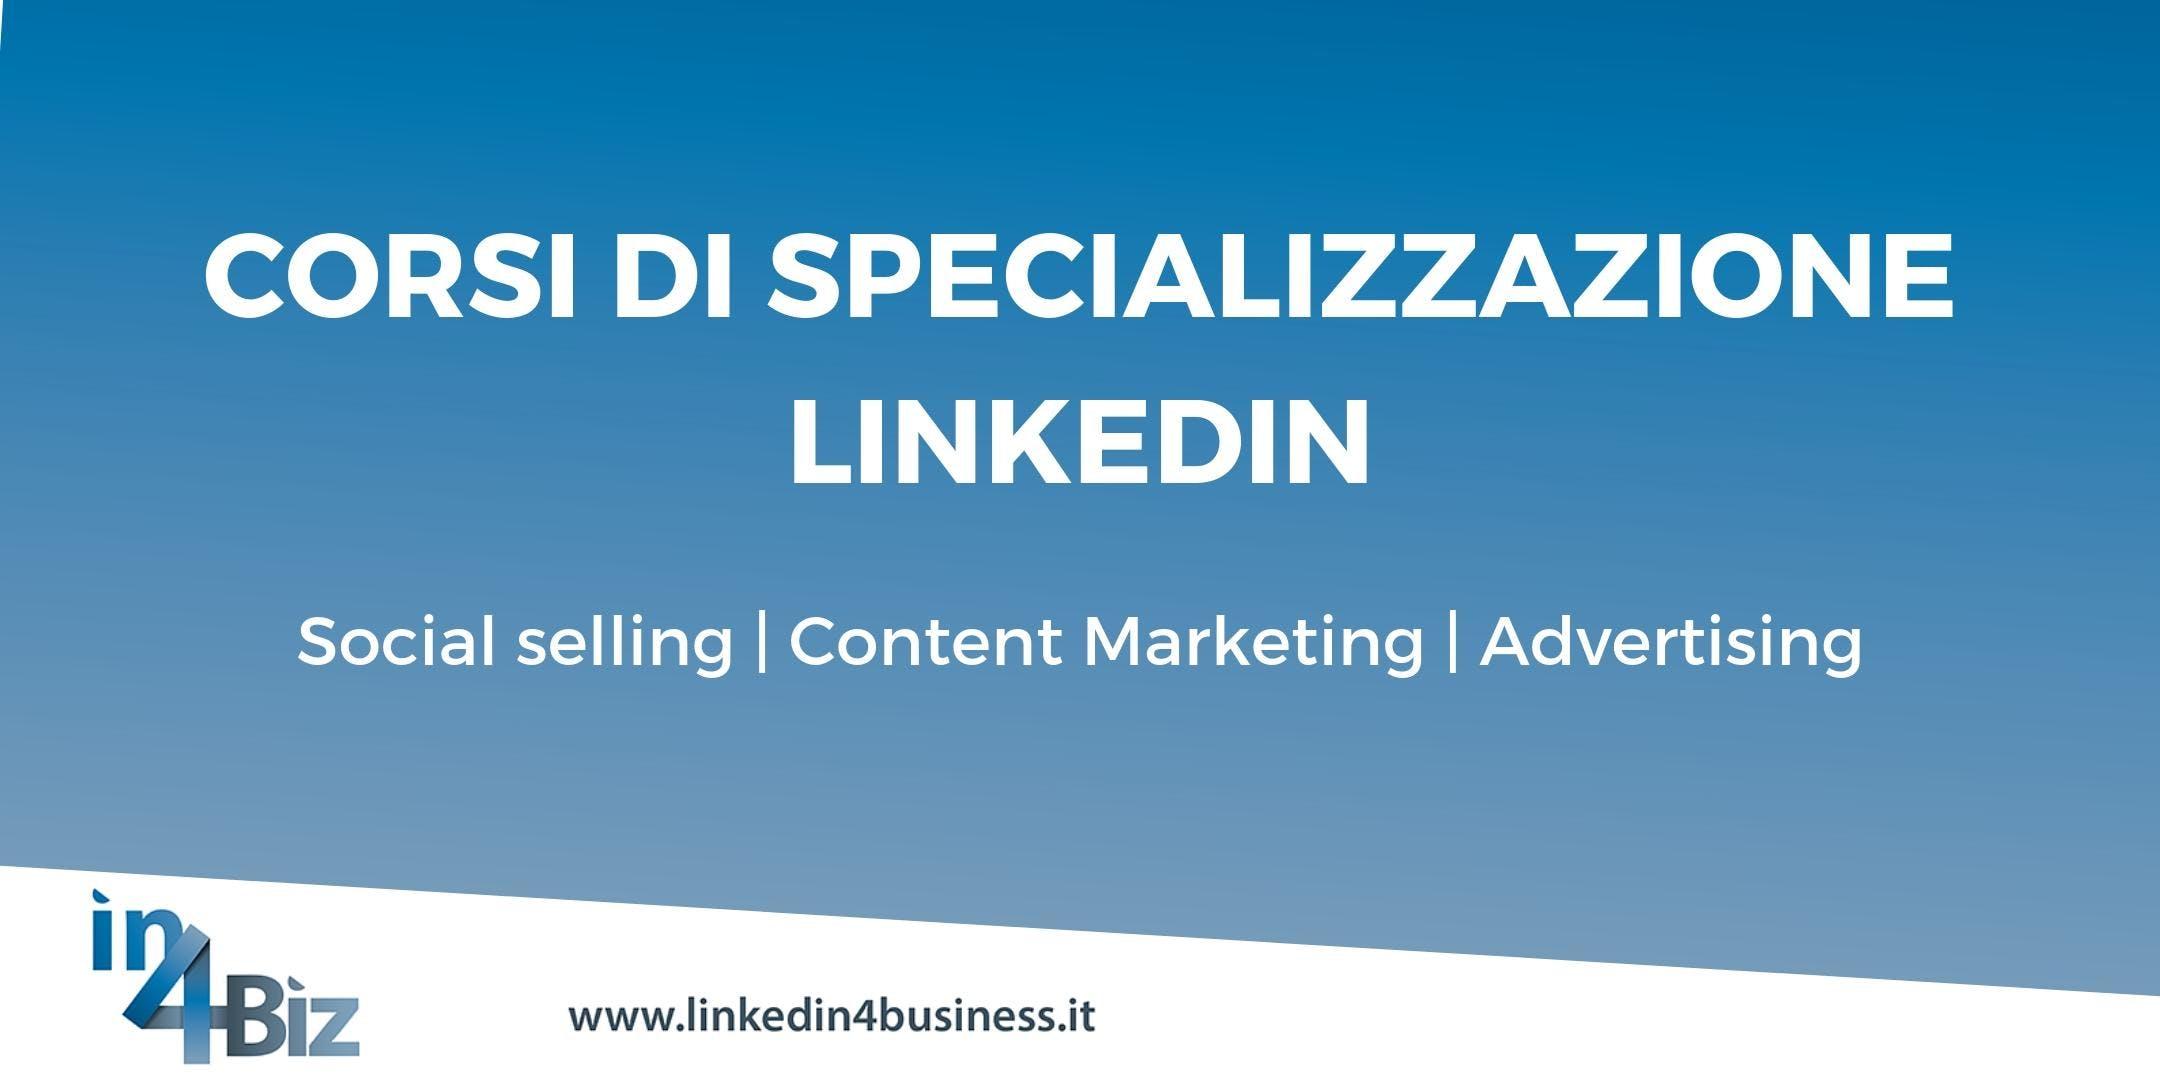 Corsi di specializzazione LinkedIn II edizione 2019